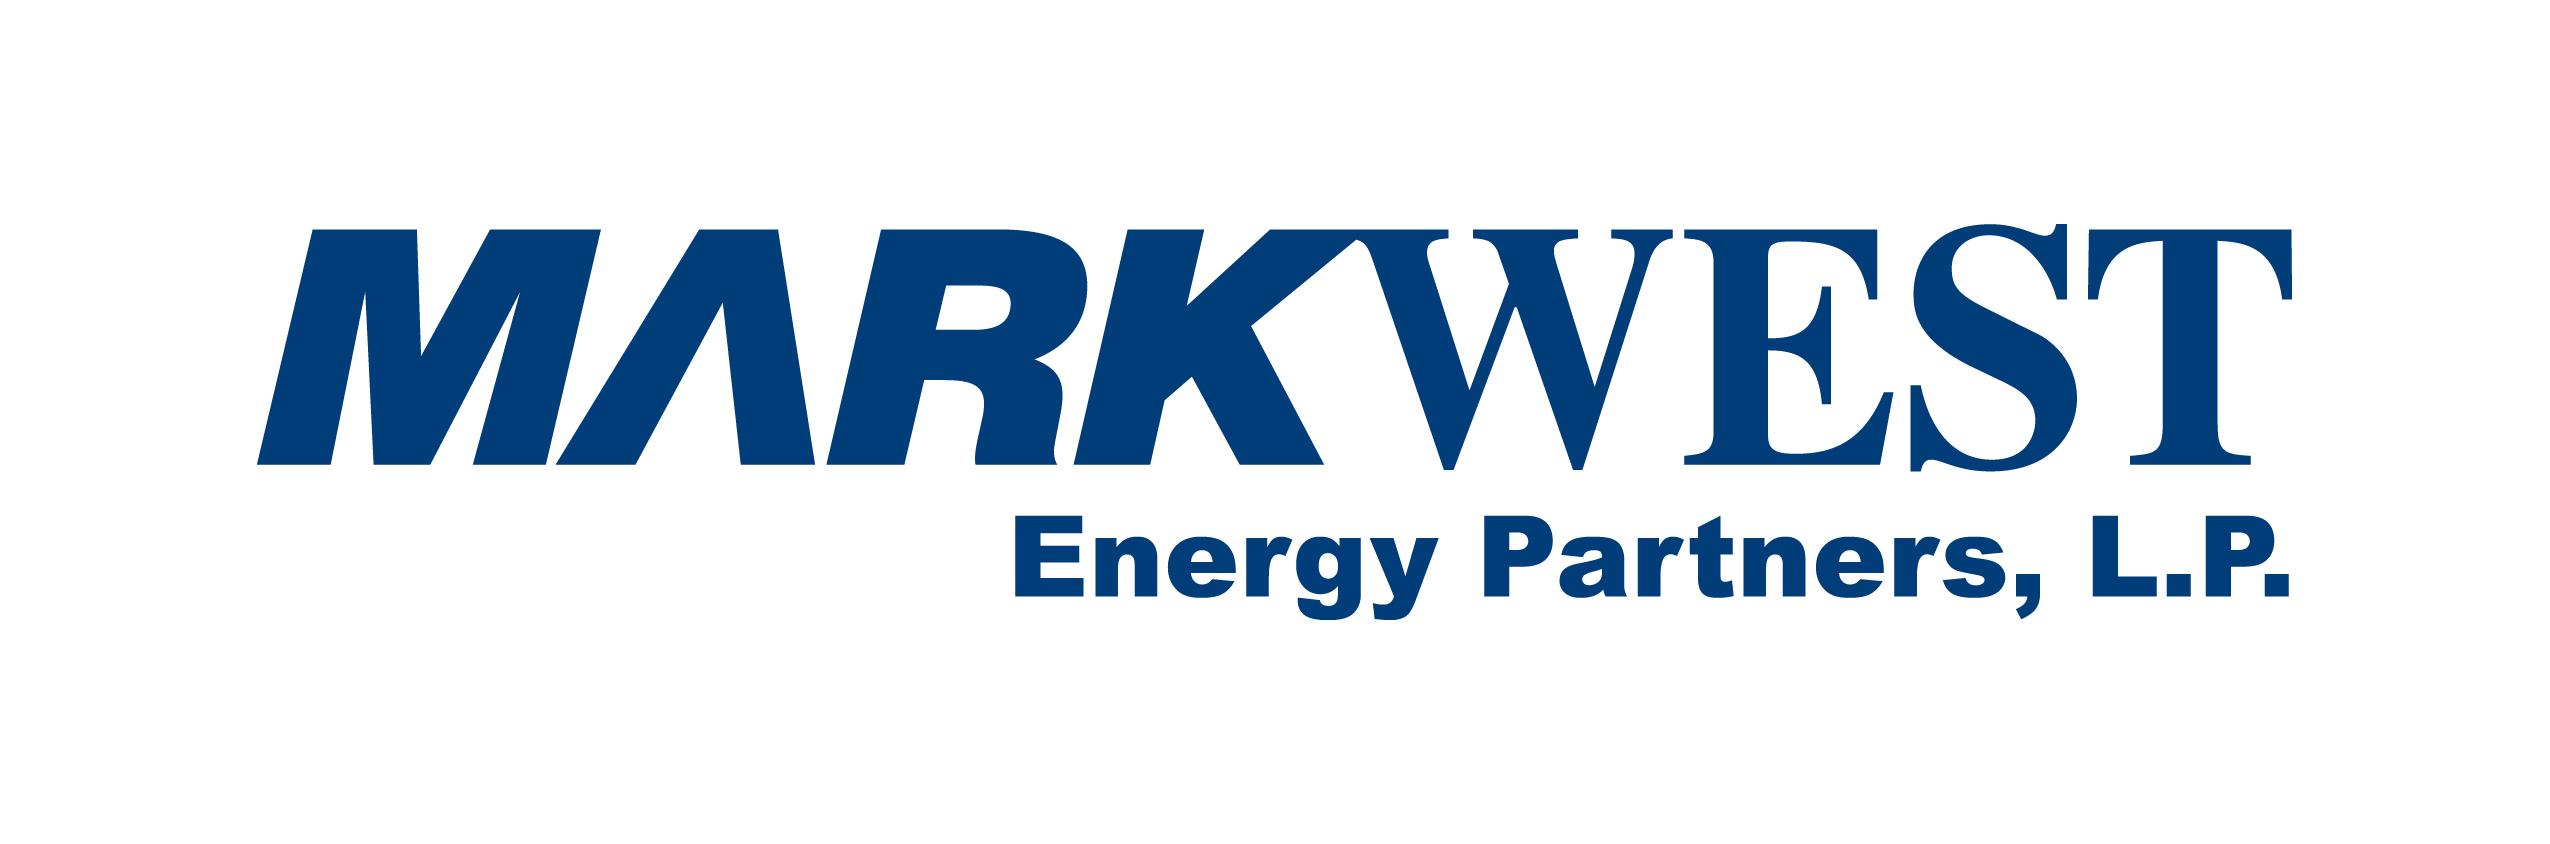 Markwest Ep Logo Blue Mec Construction Llc